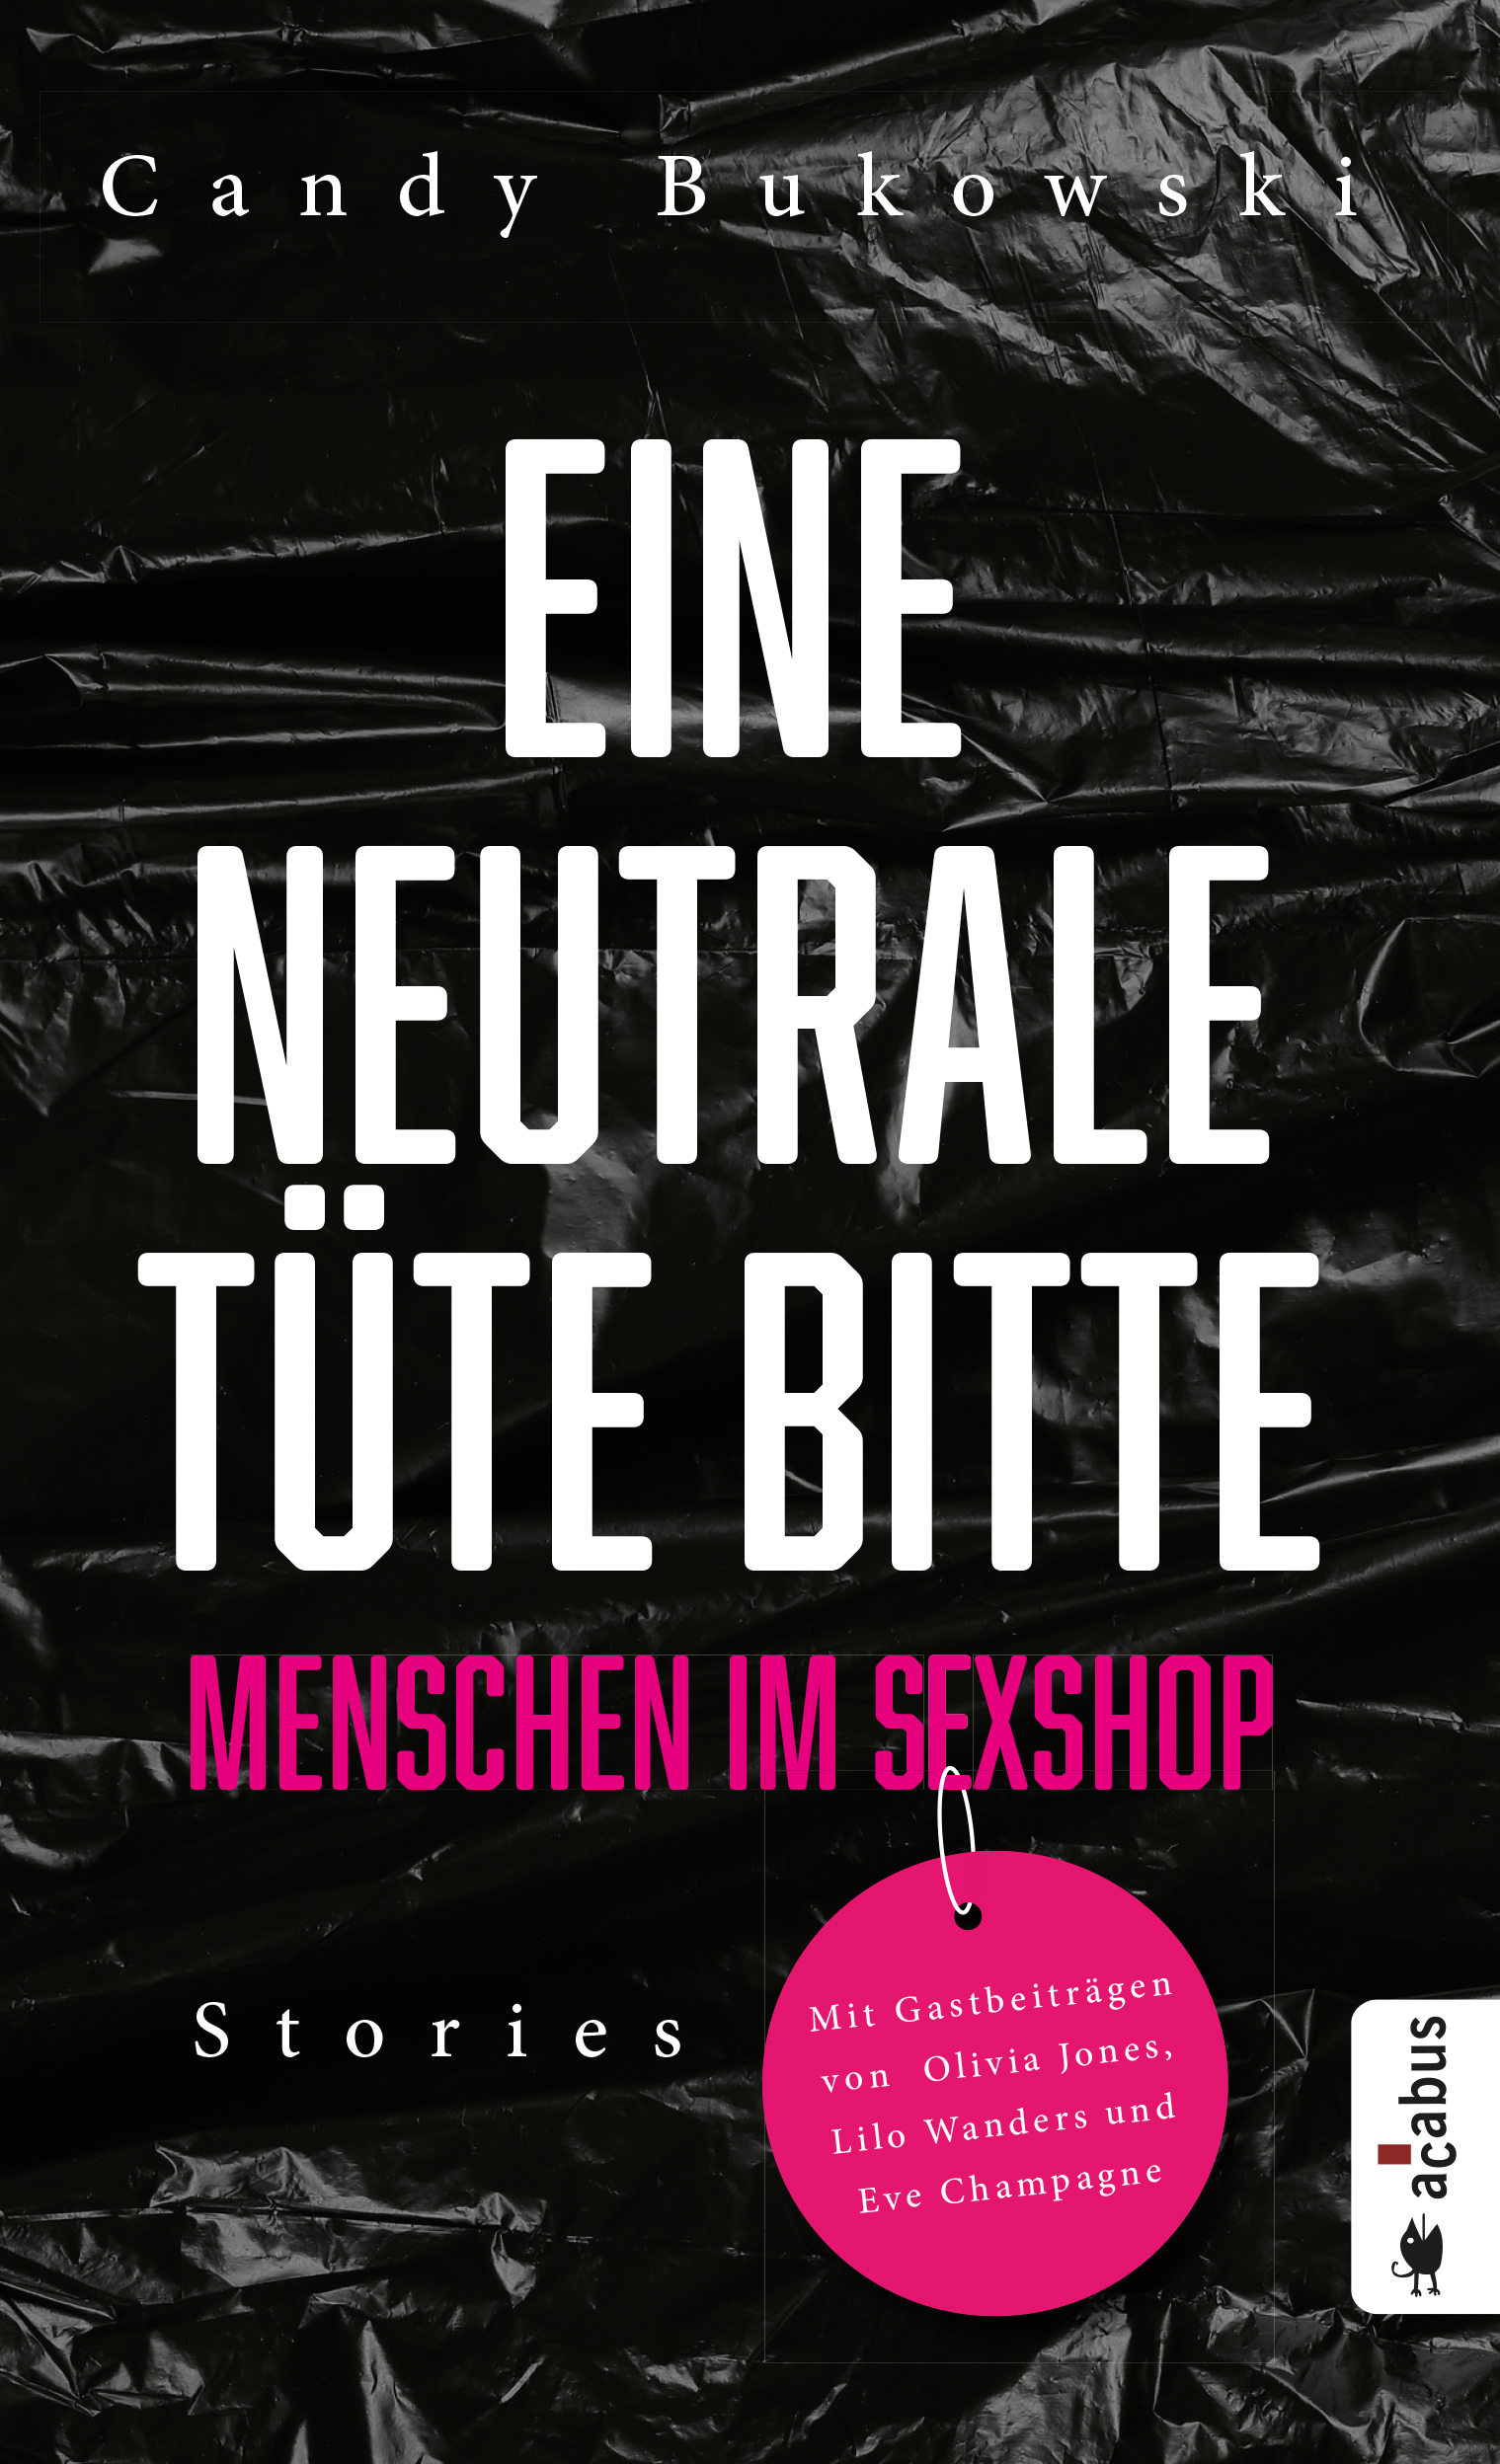 Praktisch Neu Eine Neutrale Tüte Bitte Bücher Menschen Im Sexshop Candy Bukowski 826971